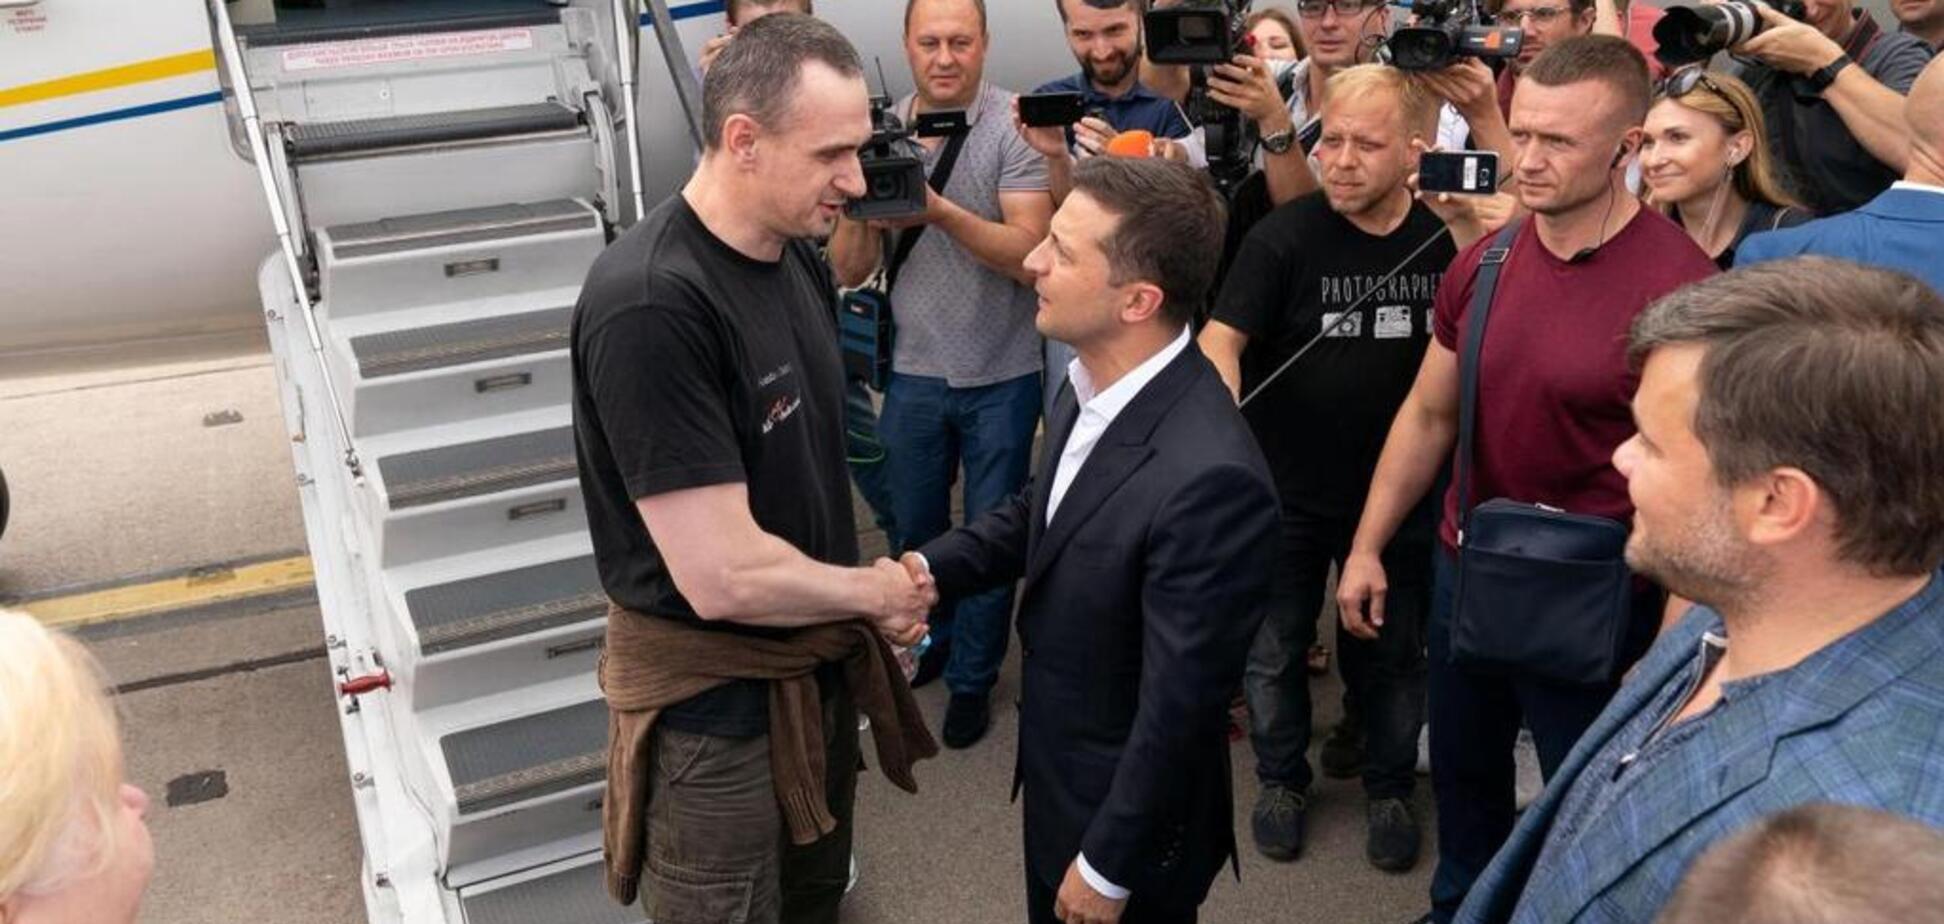 'Брудне болото!' Сенцов ухвалив різке рішення щодо майбутнього через Зеленського